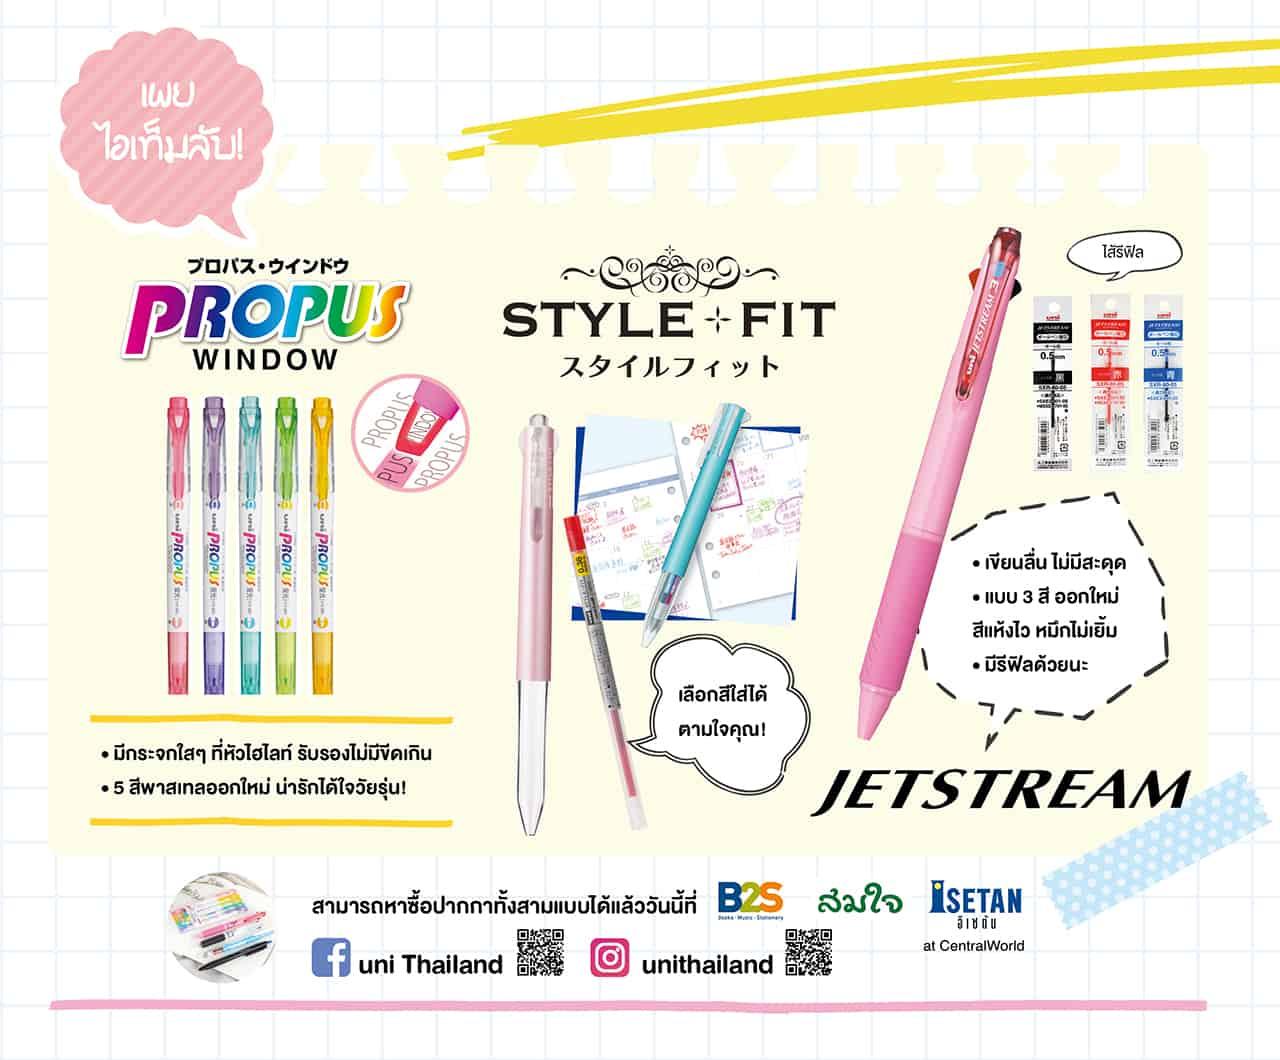 ปากกาทั้งสามแบบของ uni thailand